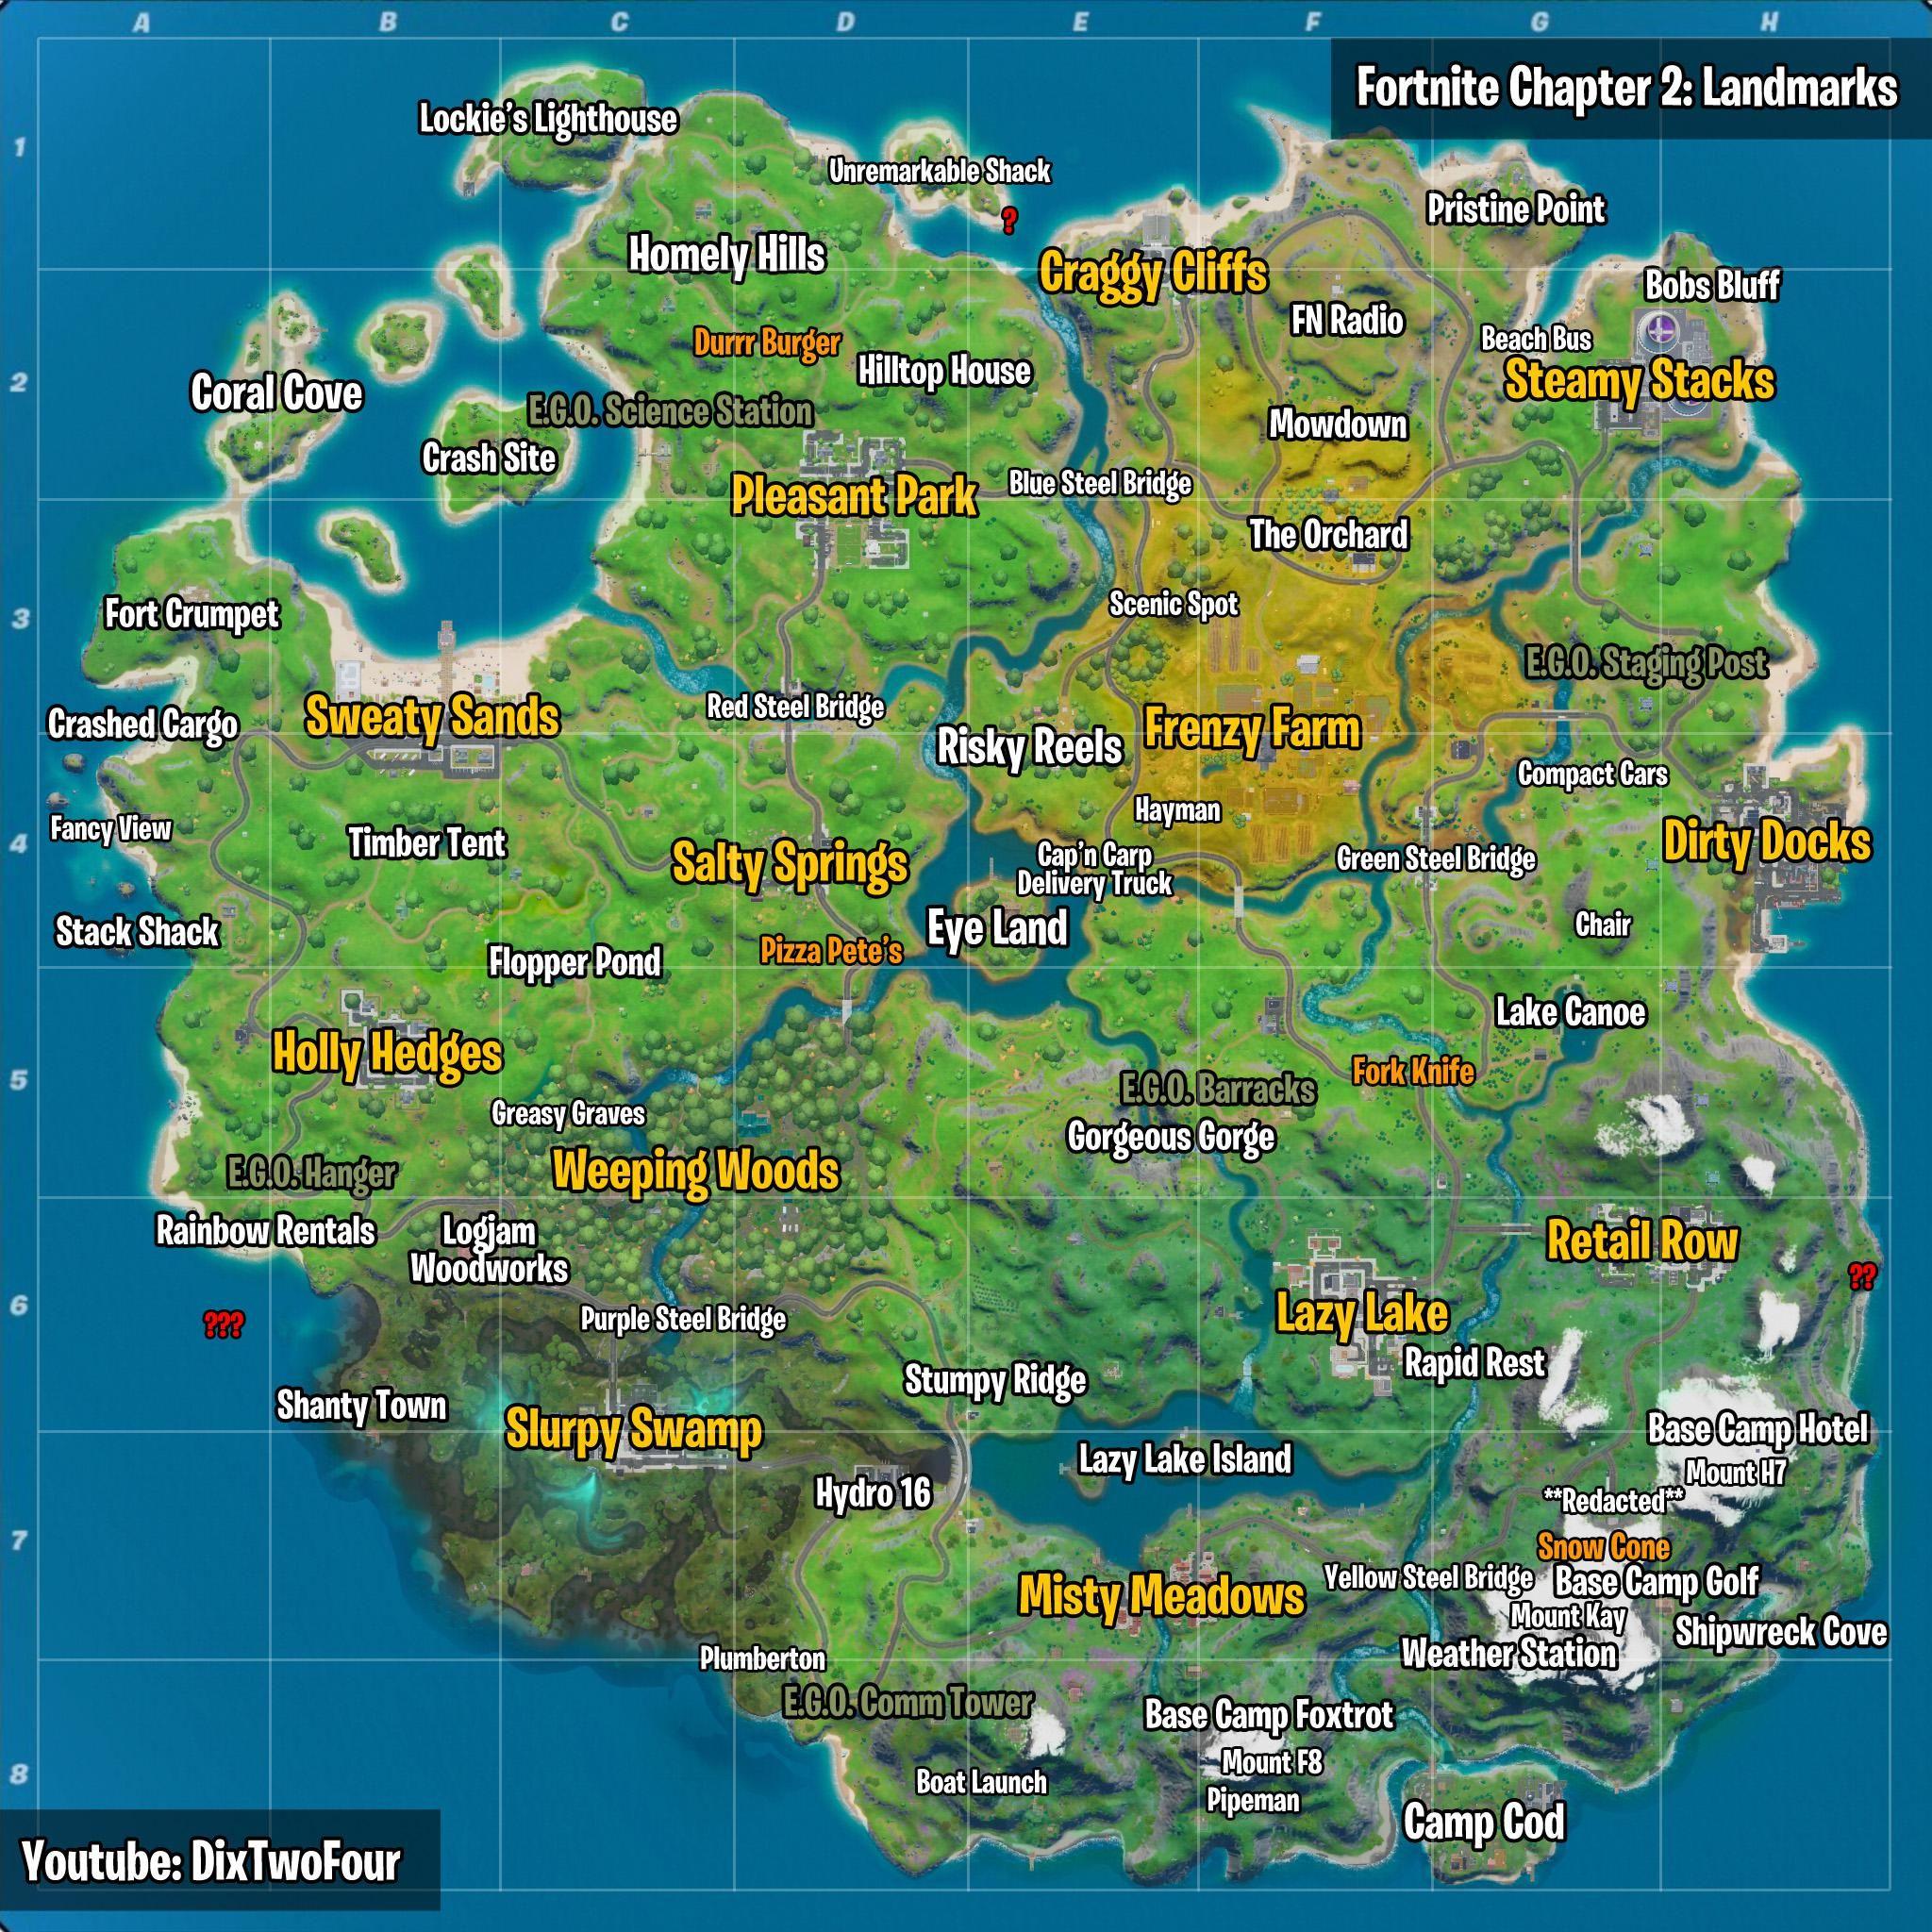 Fortnite Landmarks All Map Locations Visit Landmarks In Fortnite